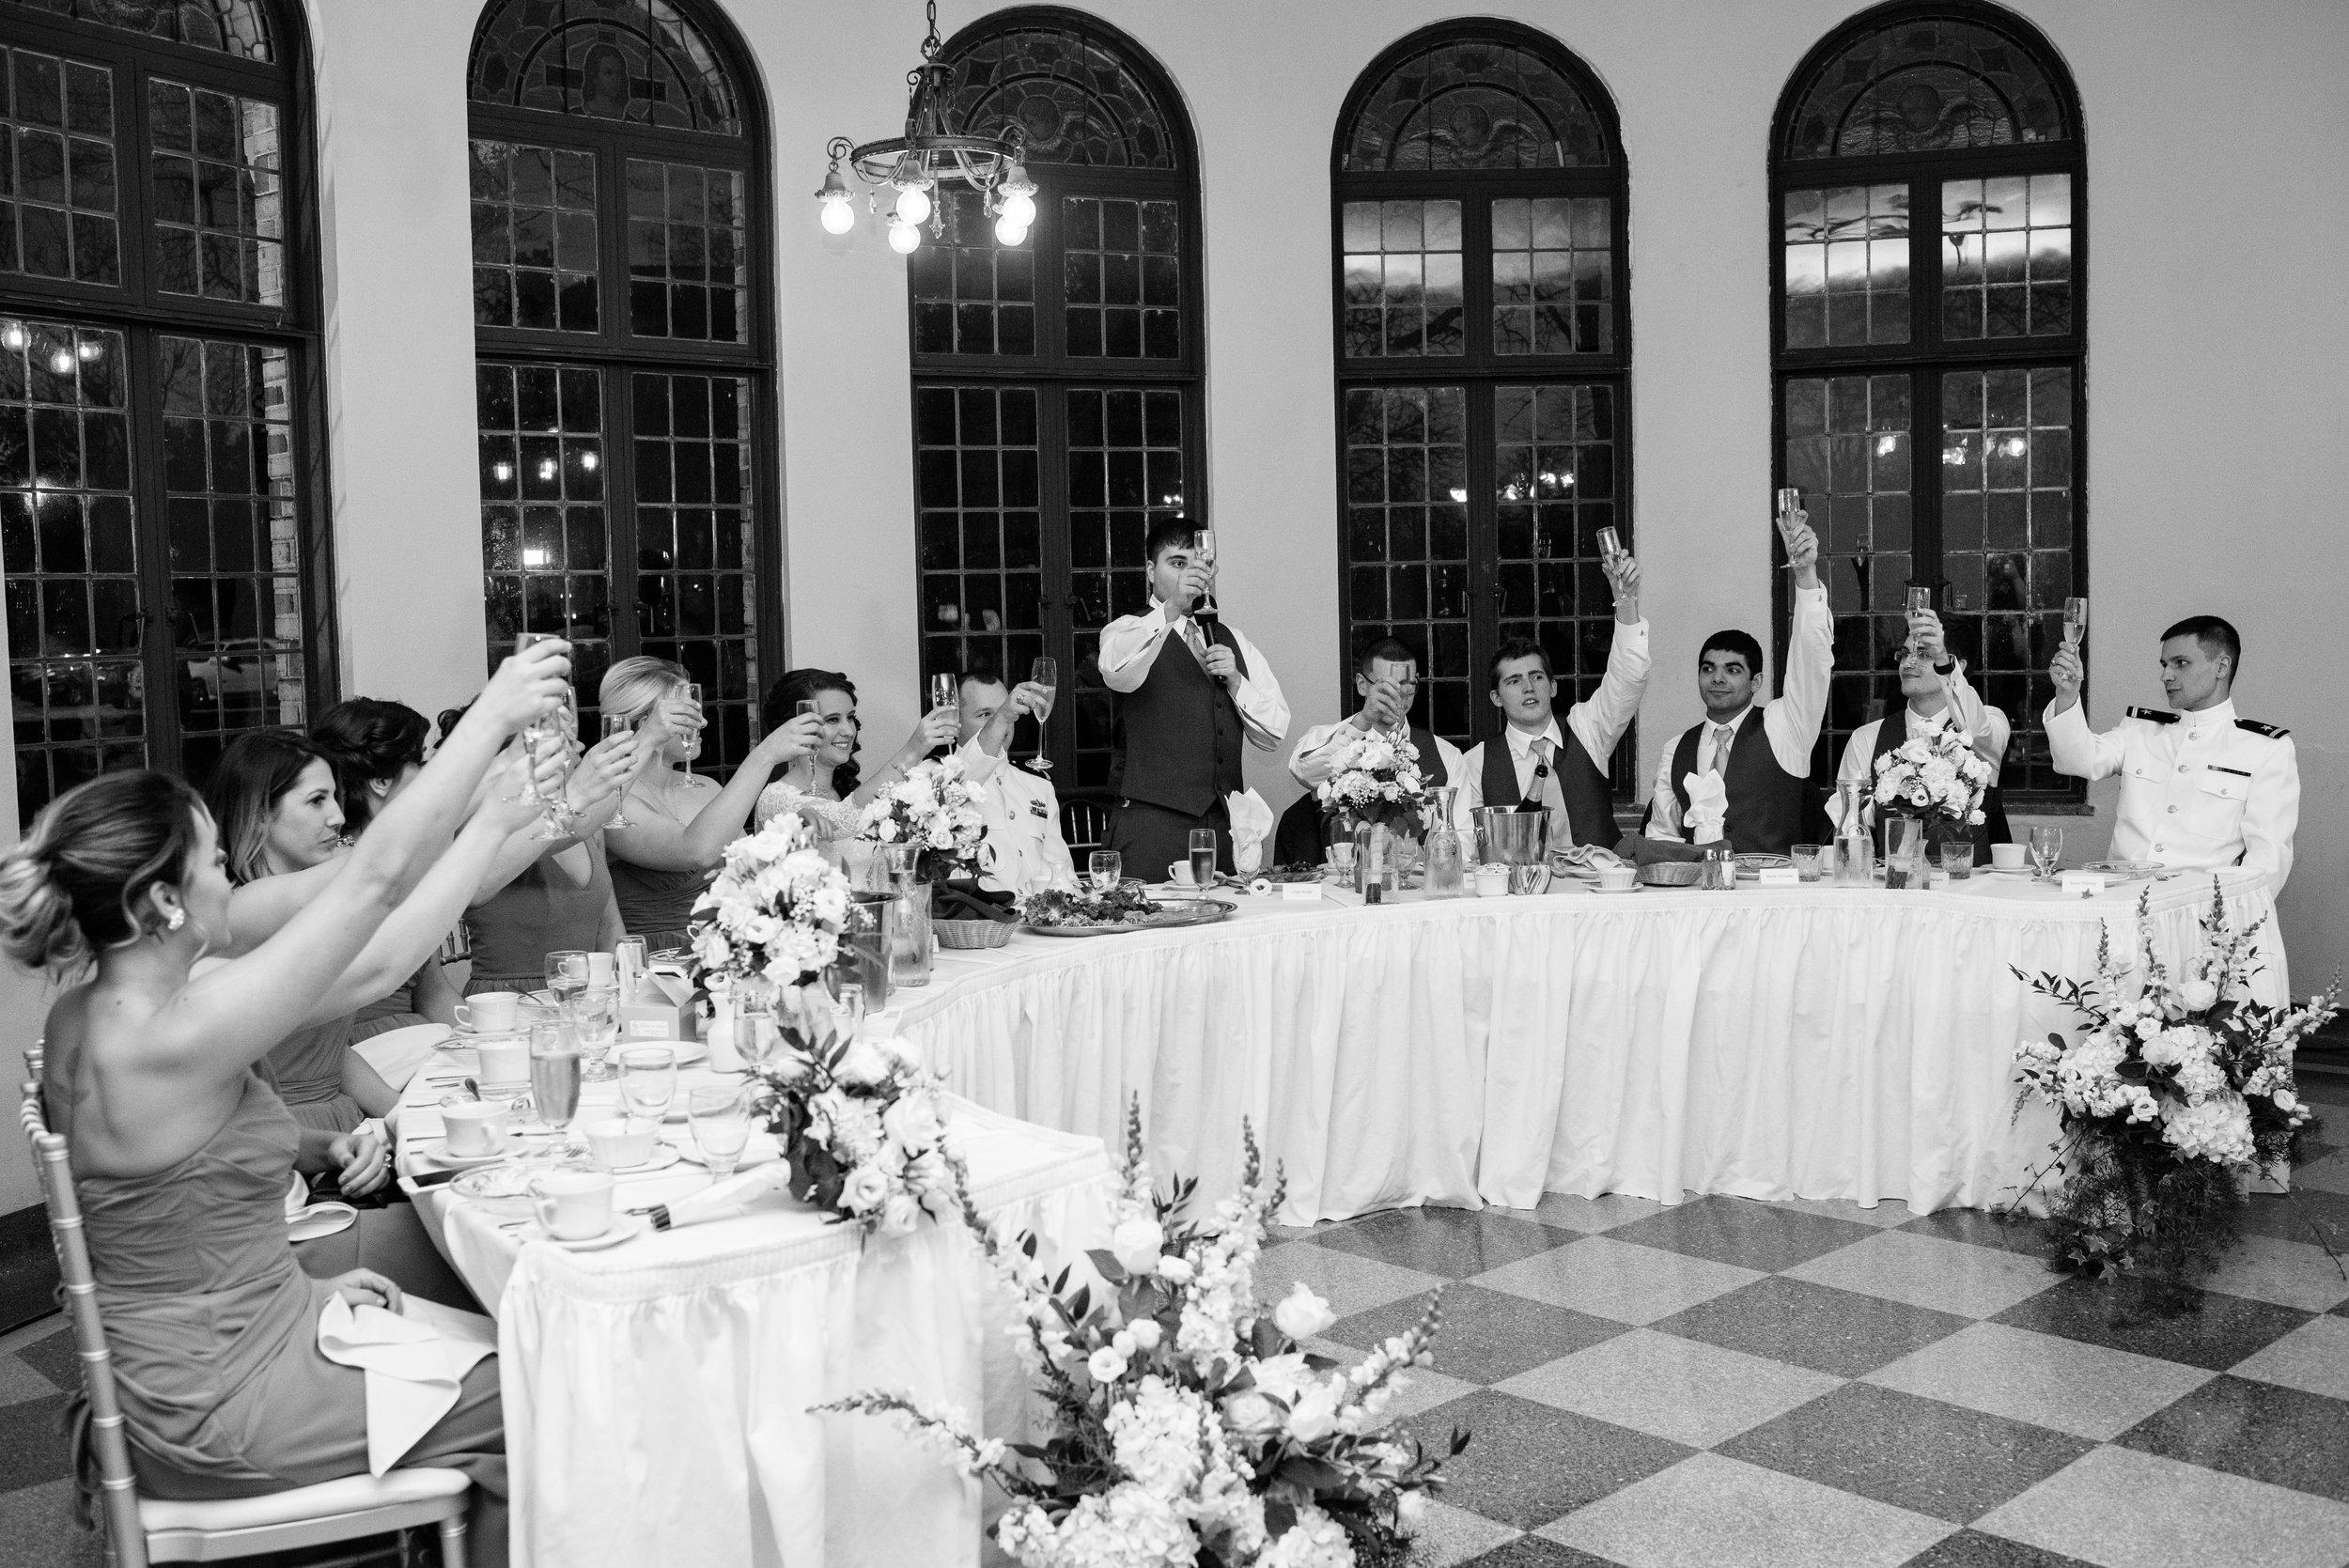 toledo ohio nazareth hall wedding photography-25.jpg